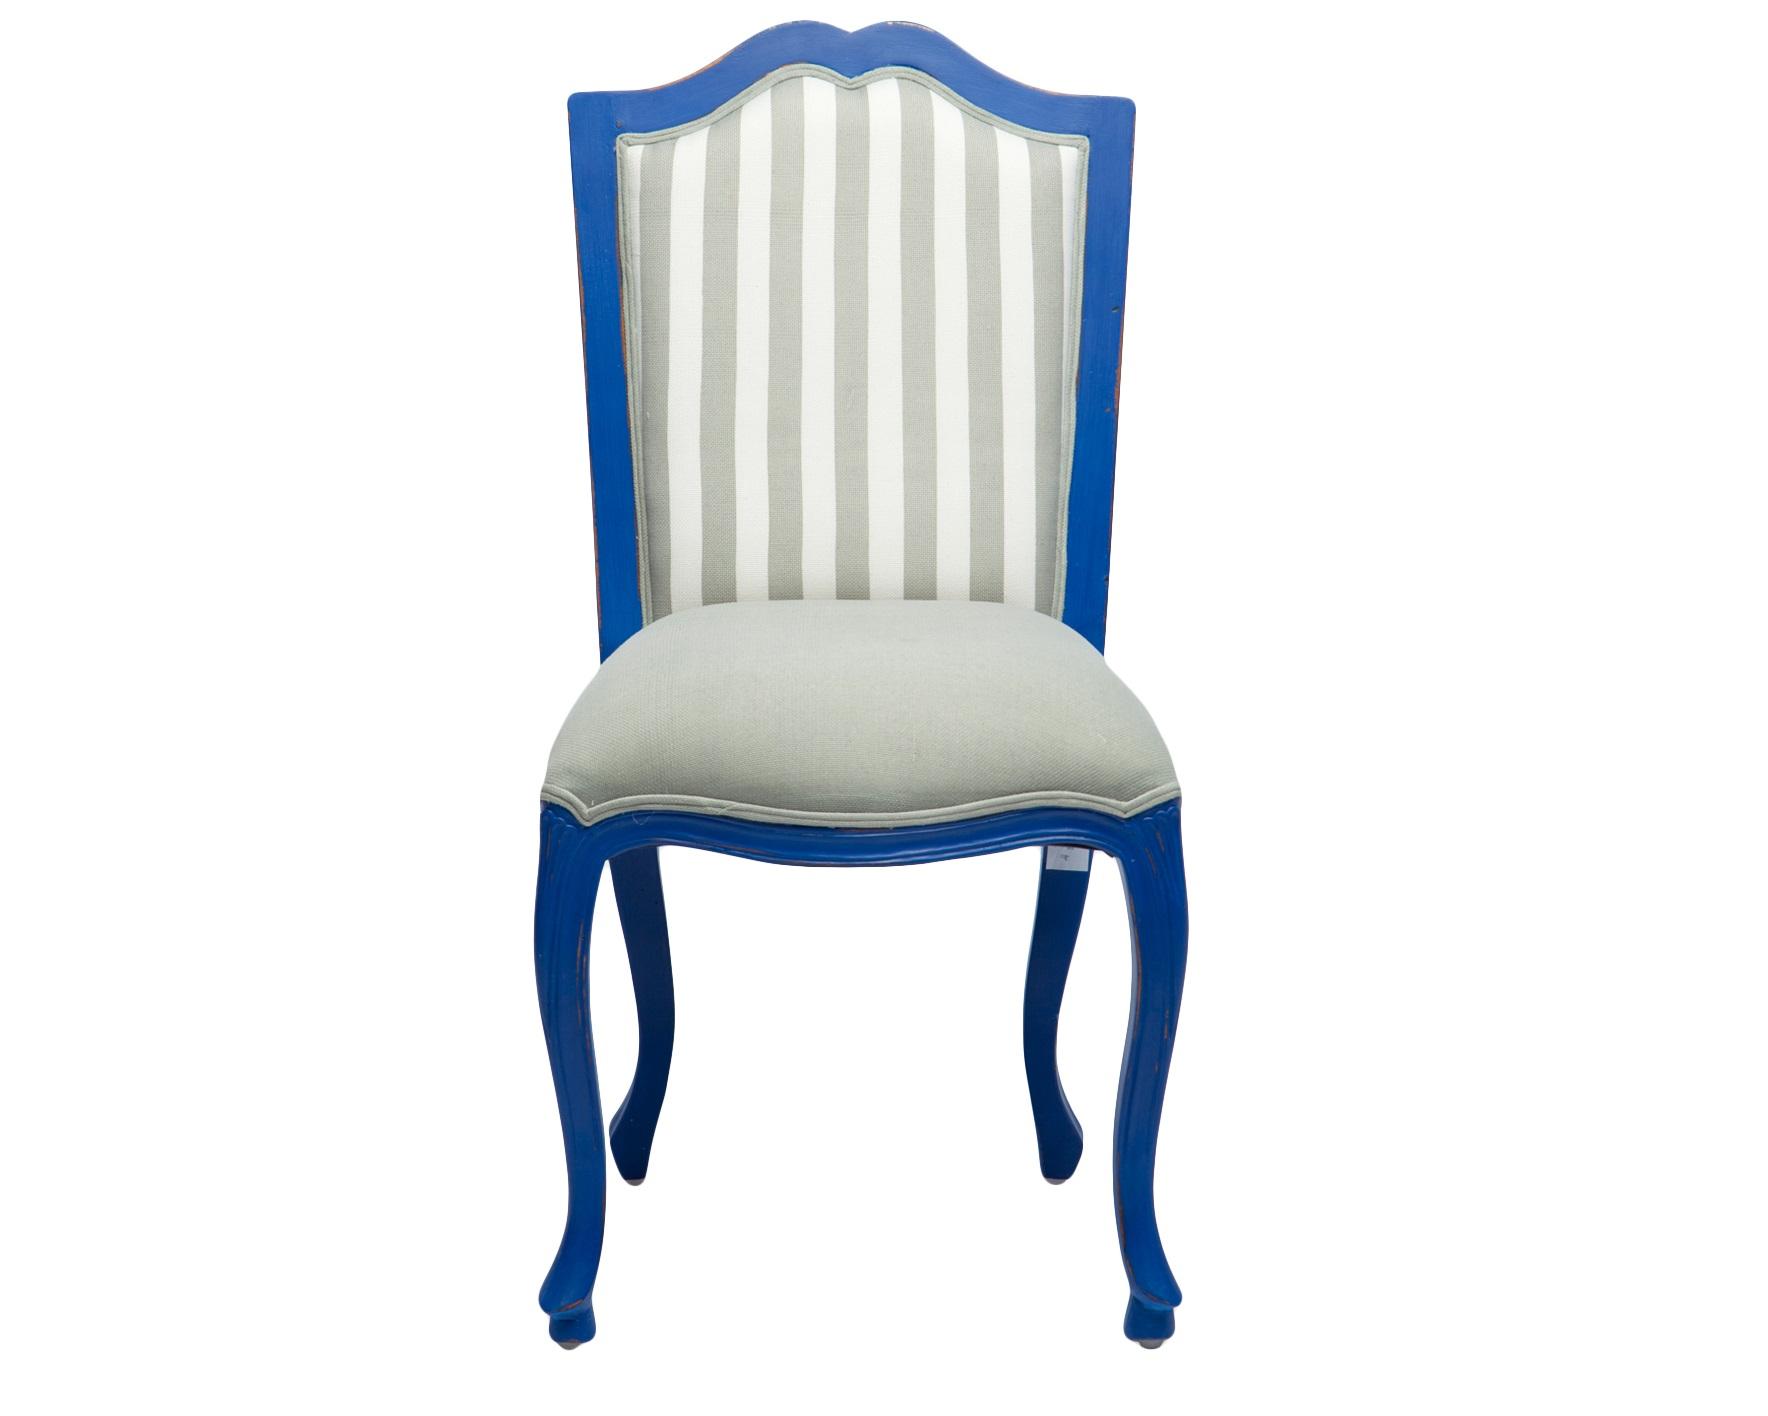 СтулОбеденные стулья<br>Стул из дерева махагони с мягкой спинкой. Однотонная обивка сиденья и обивка в полоску на спинке.<br><br>Material: Красное дерево<br>Width см: 53<br>Depth см: 60<br>Height см: 100